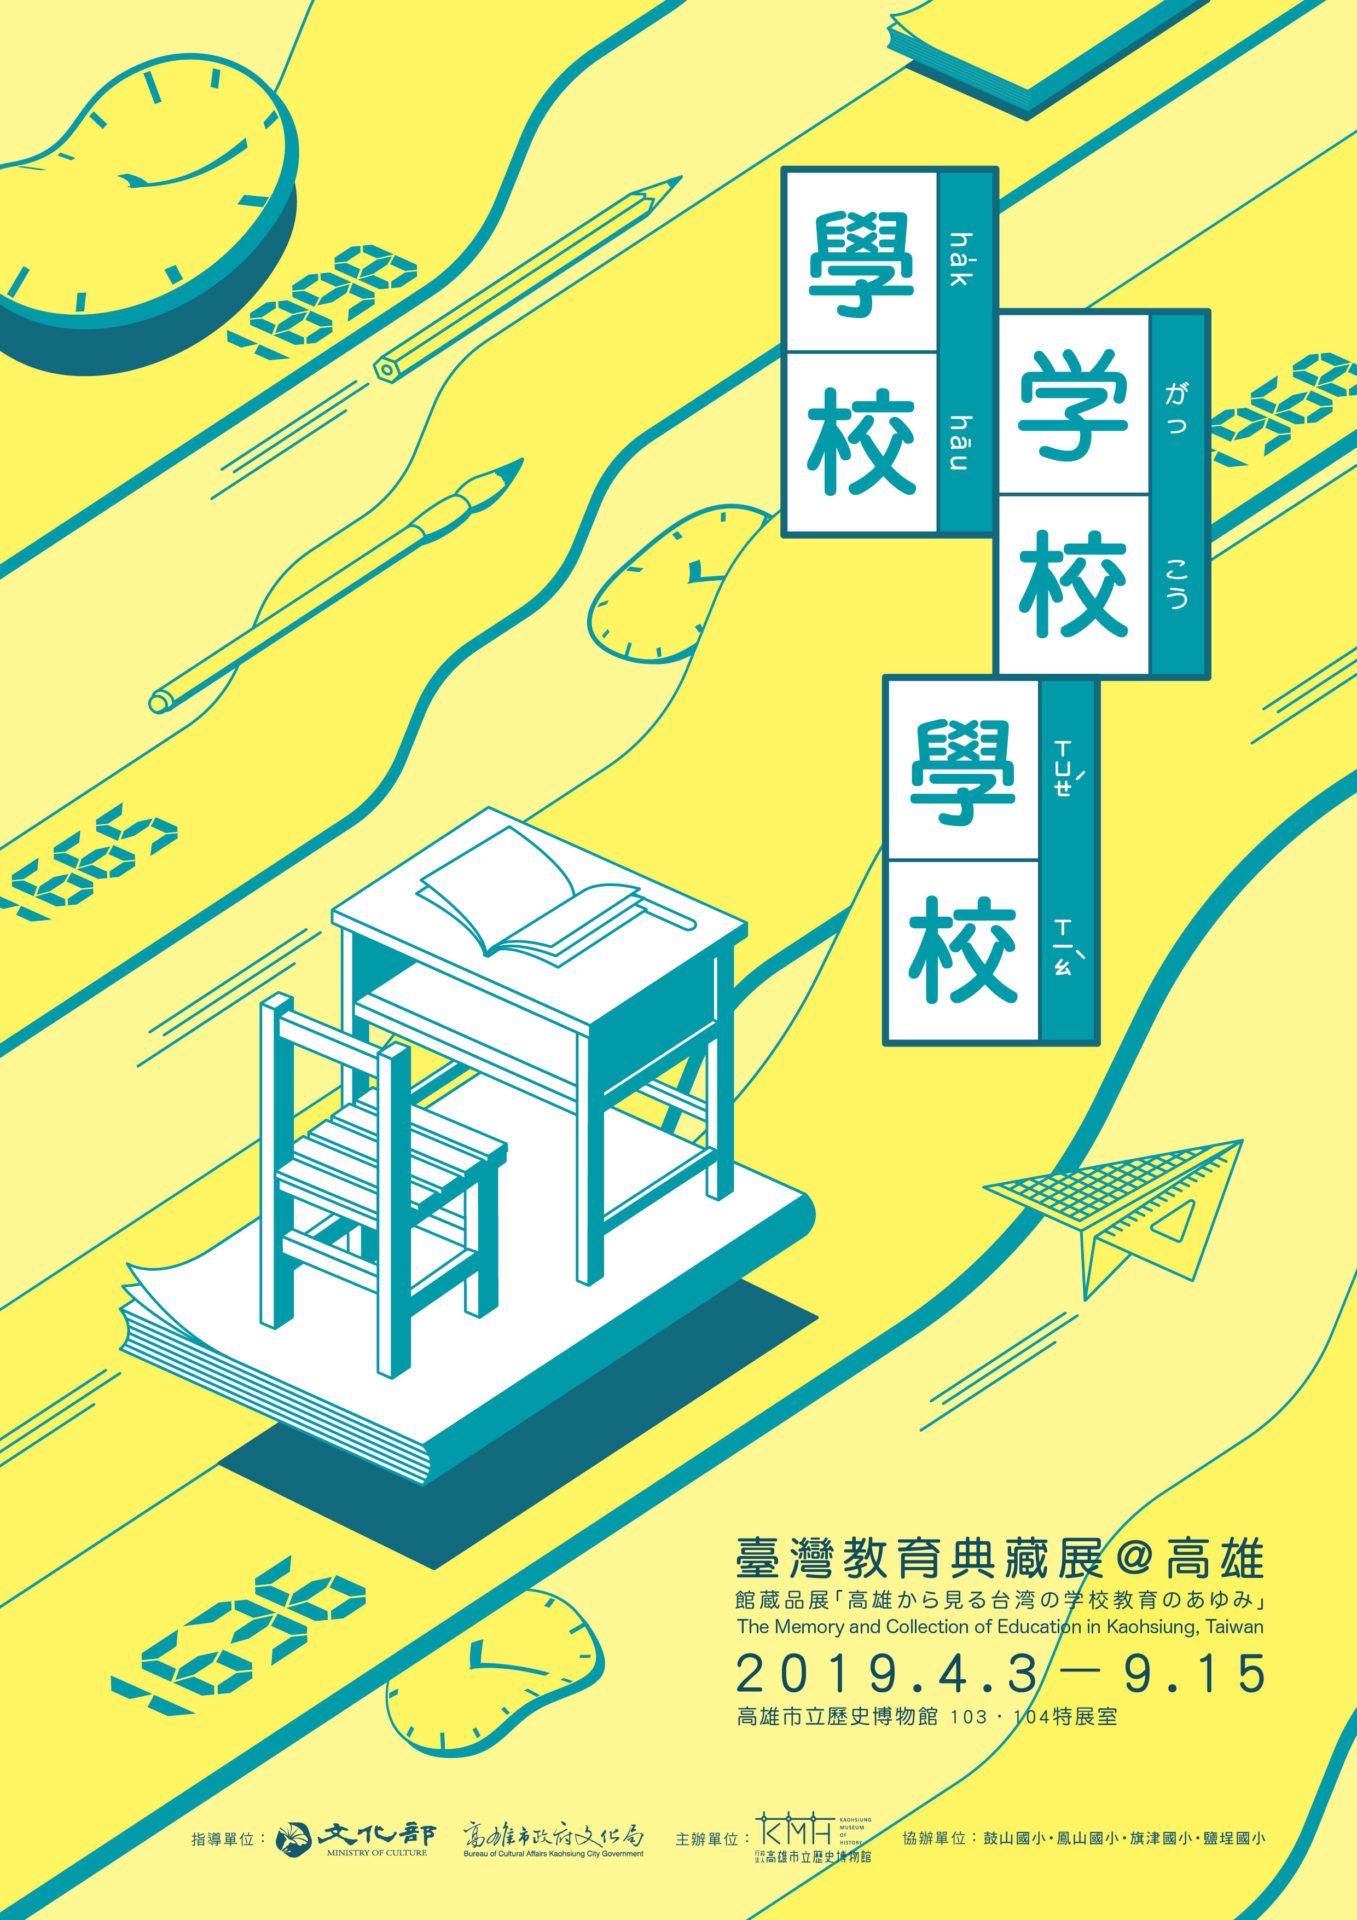 高雄市立歷史博物館:2019/04/03-2019/09/15【臺灣教育典藏展@高雄】